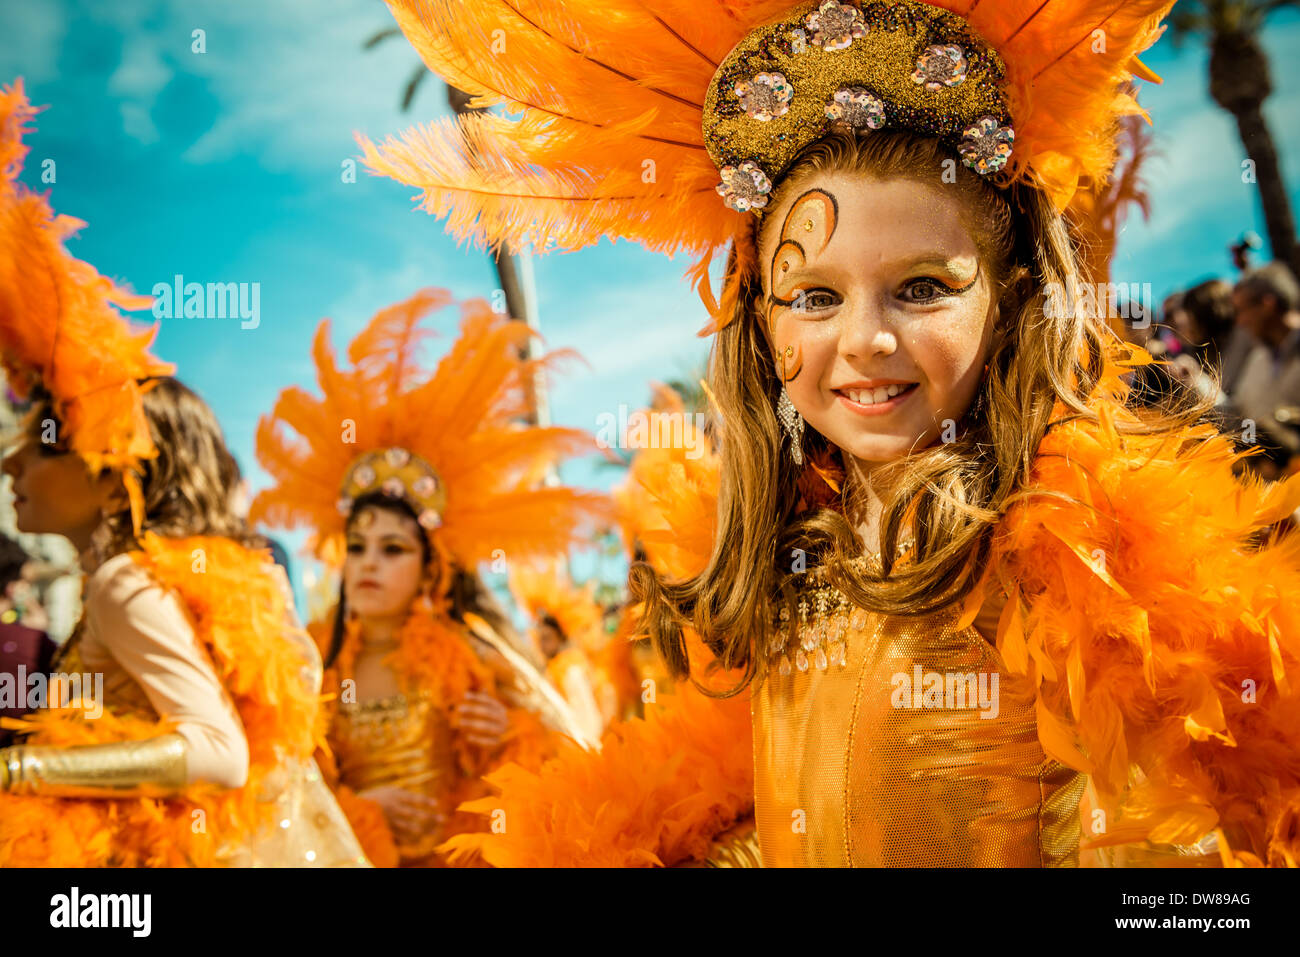 Sitges, España. Marzo 2nd, 2014: Niños juerguistas bailan durante el desfile del Domingo de los niños Imagen De Stock